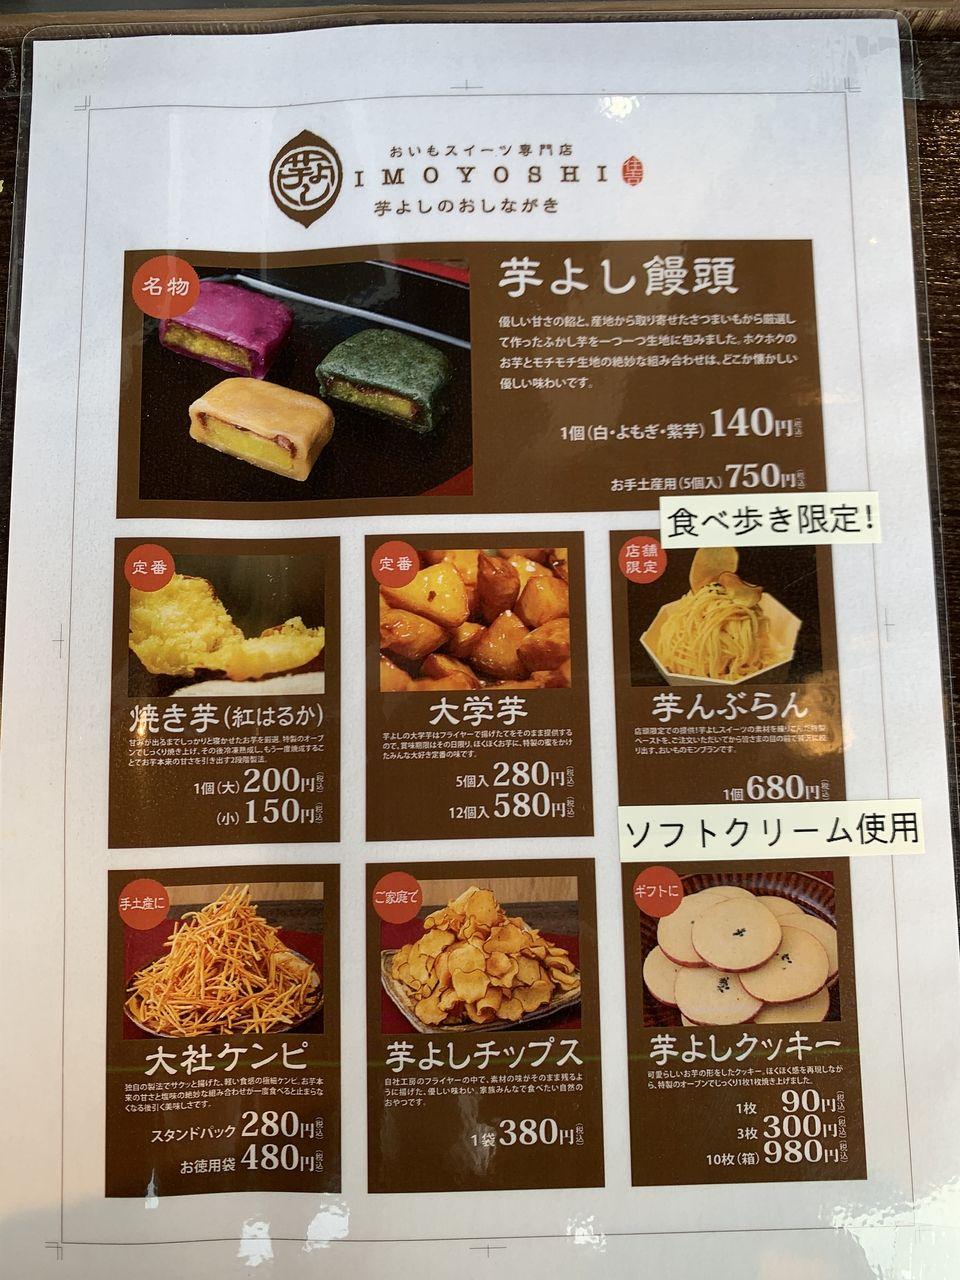 お芋スイーツ専門店IMOYOSHIさんお品書きです。